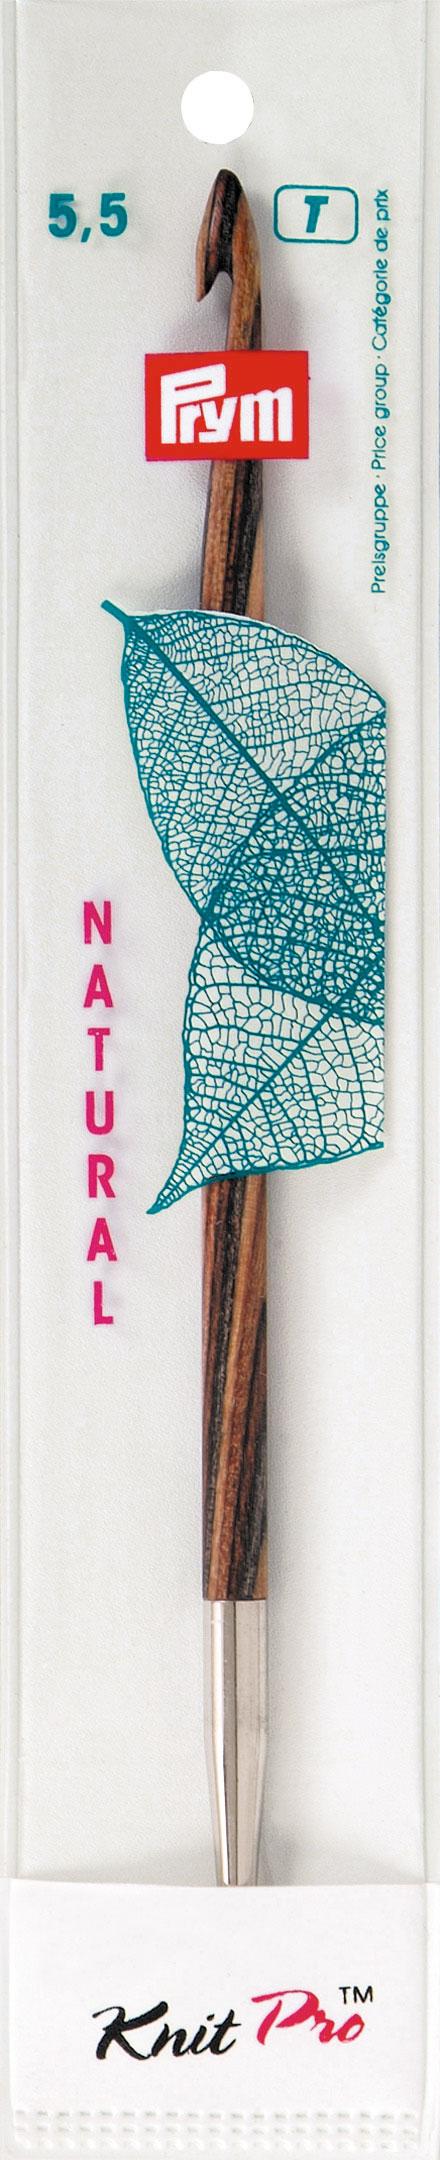 Крючок для тунисского вязания Prym Natural, съемный, диаметр 5,5 мм, длина 15 см223705Крючок Prym Natural изготовлен из дерева с металлическим наконечником. Он предназначен для тунисского вязания. Вязание тунисским крючком производится только по одной лицевой стороне и этим отличается от вязки обыкновенным крючком. Вы сможете вязать для себя и делать подарки друзьям. Рукоделие всегда считалось изысканным, благородным делом. Работа, сделанная своими руками, долго будет радовать вас и ваших близких. Подарок, выполненный собственноручно, станет самым ценным для друзей и знакомых. Диаметр: 5,5 мм. Длина: 15 см. Материал: дерево, металл.